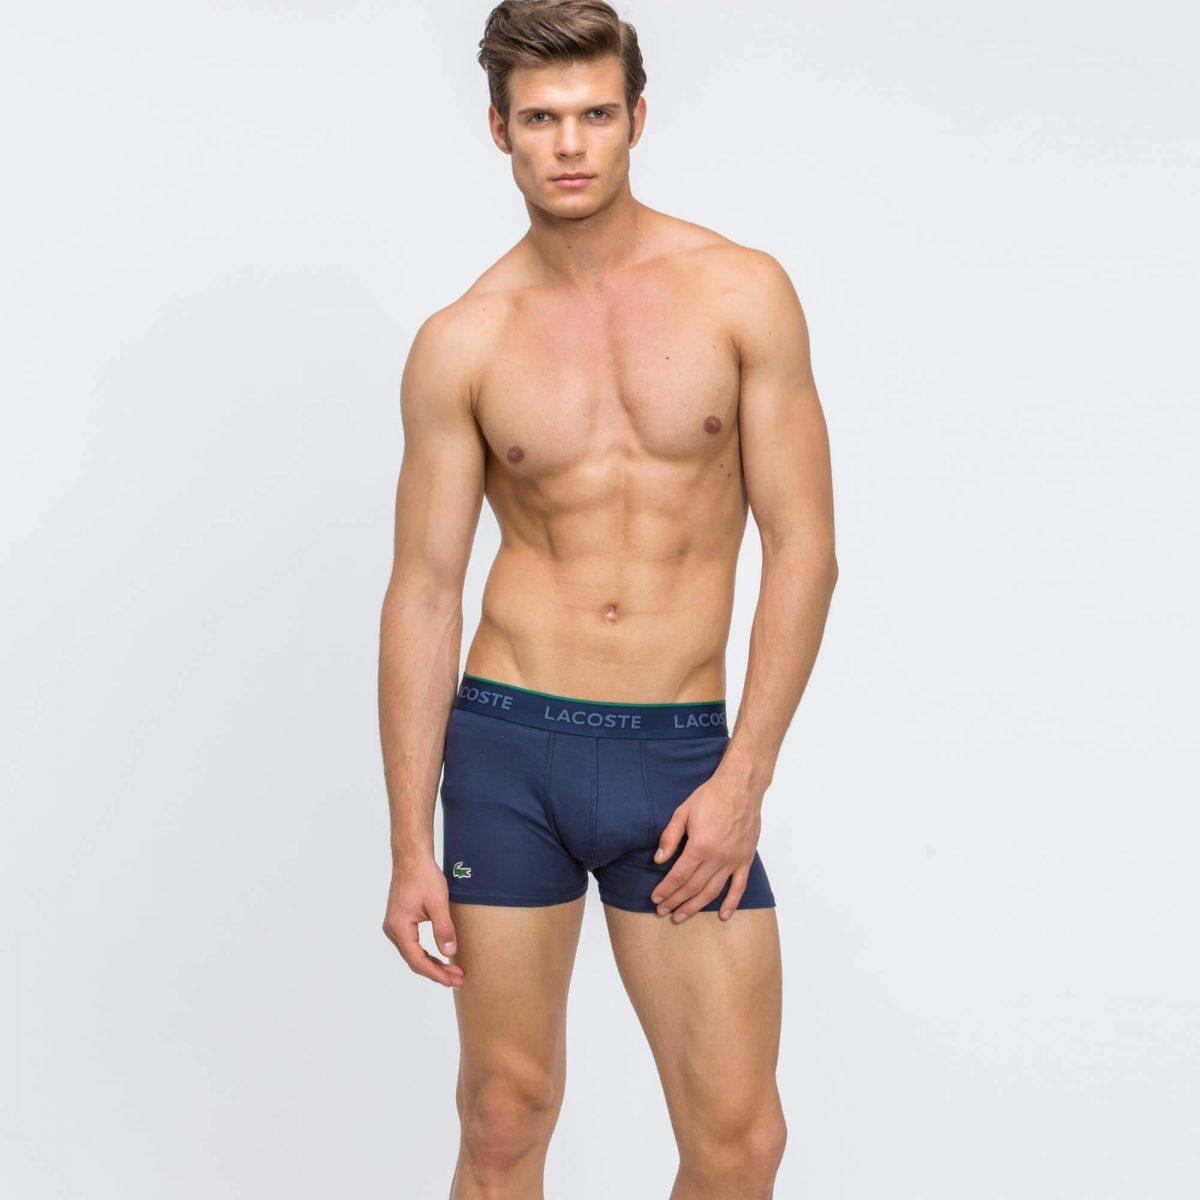 erkek iç giyim çeşitleri, erkek iç giyim ürünleri